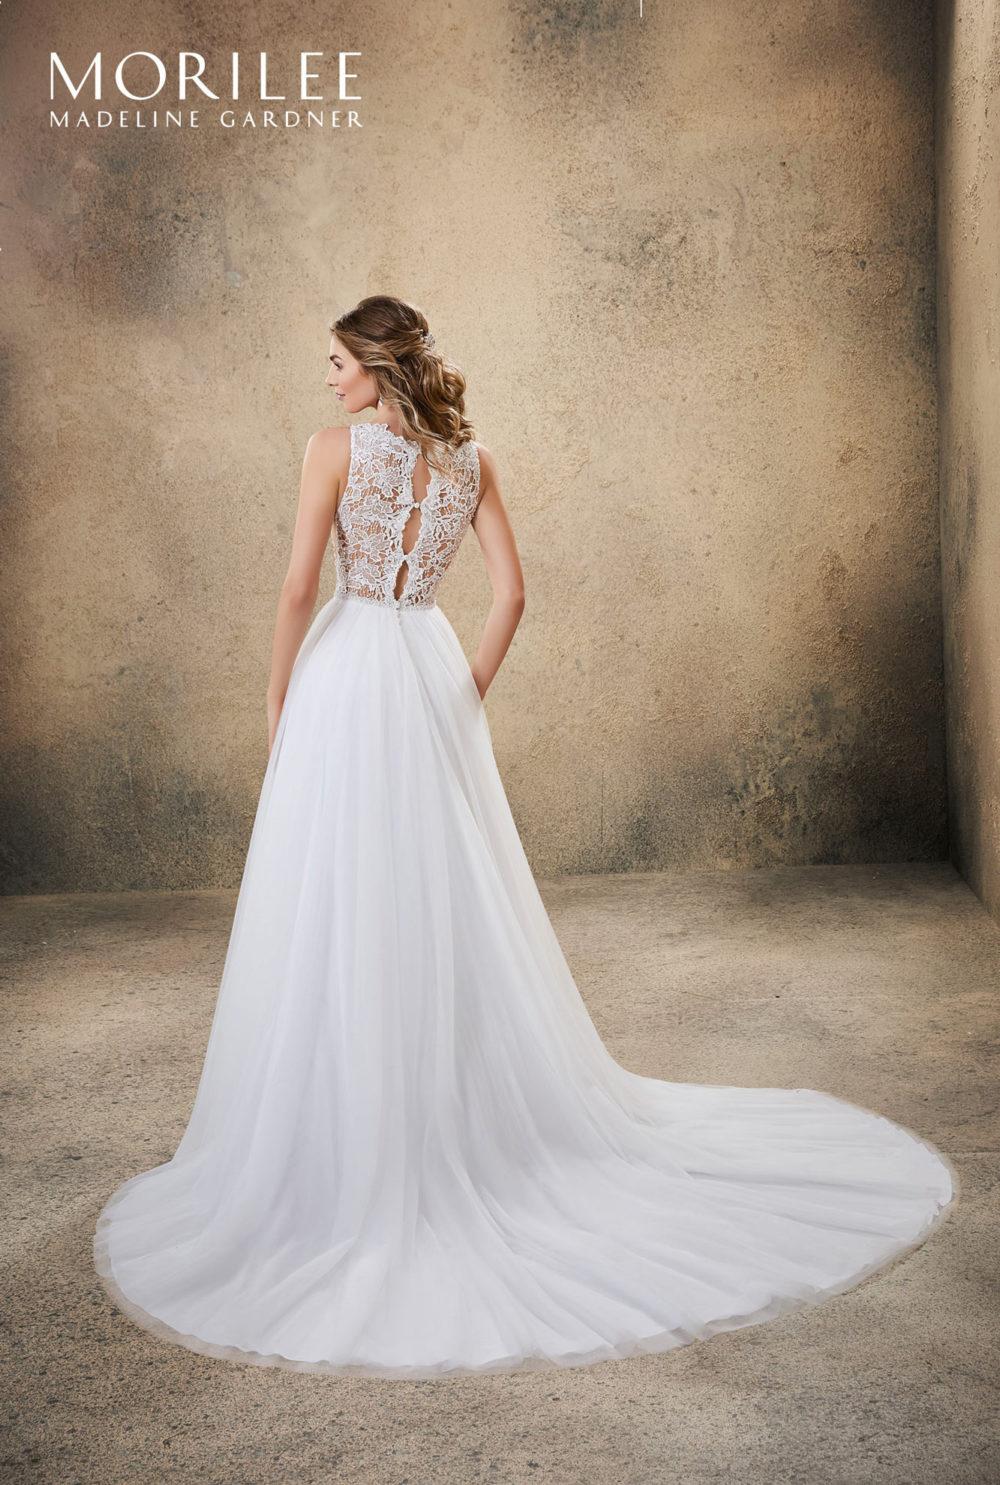 Mariages: abito da sposa Morilee 2020 a Vicenza, Verona, Padova, Veneto 6914